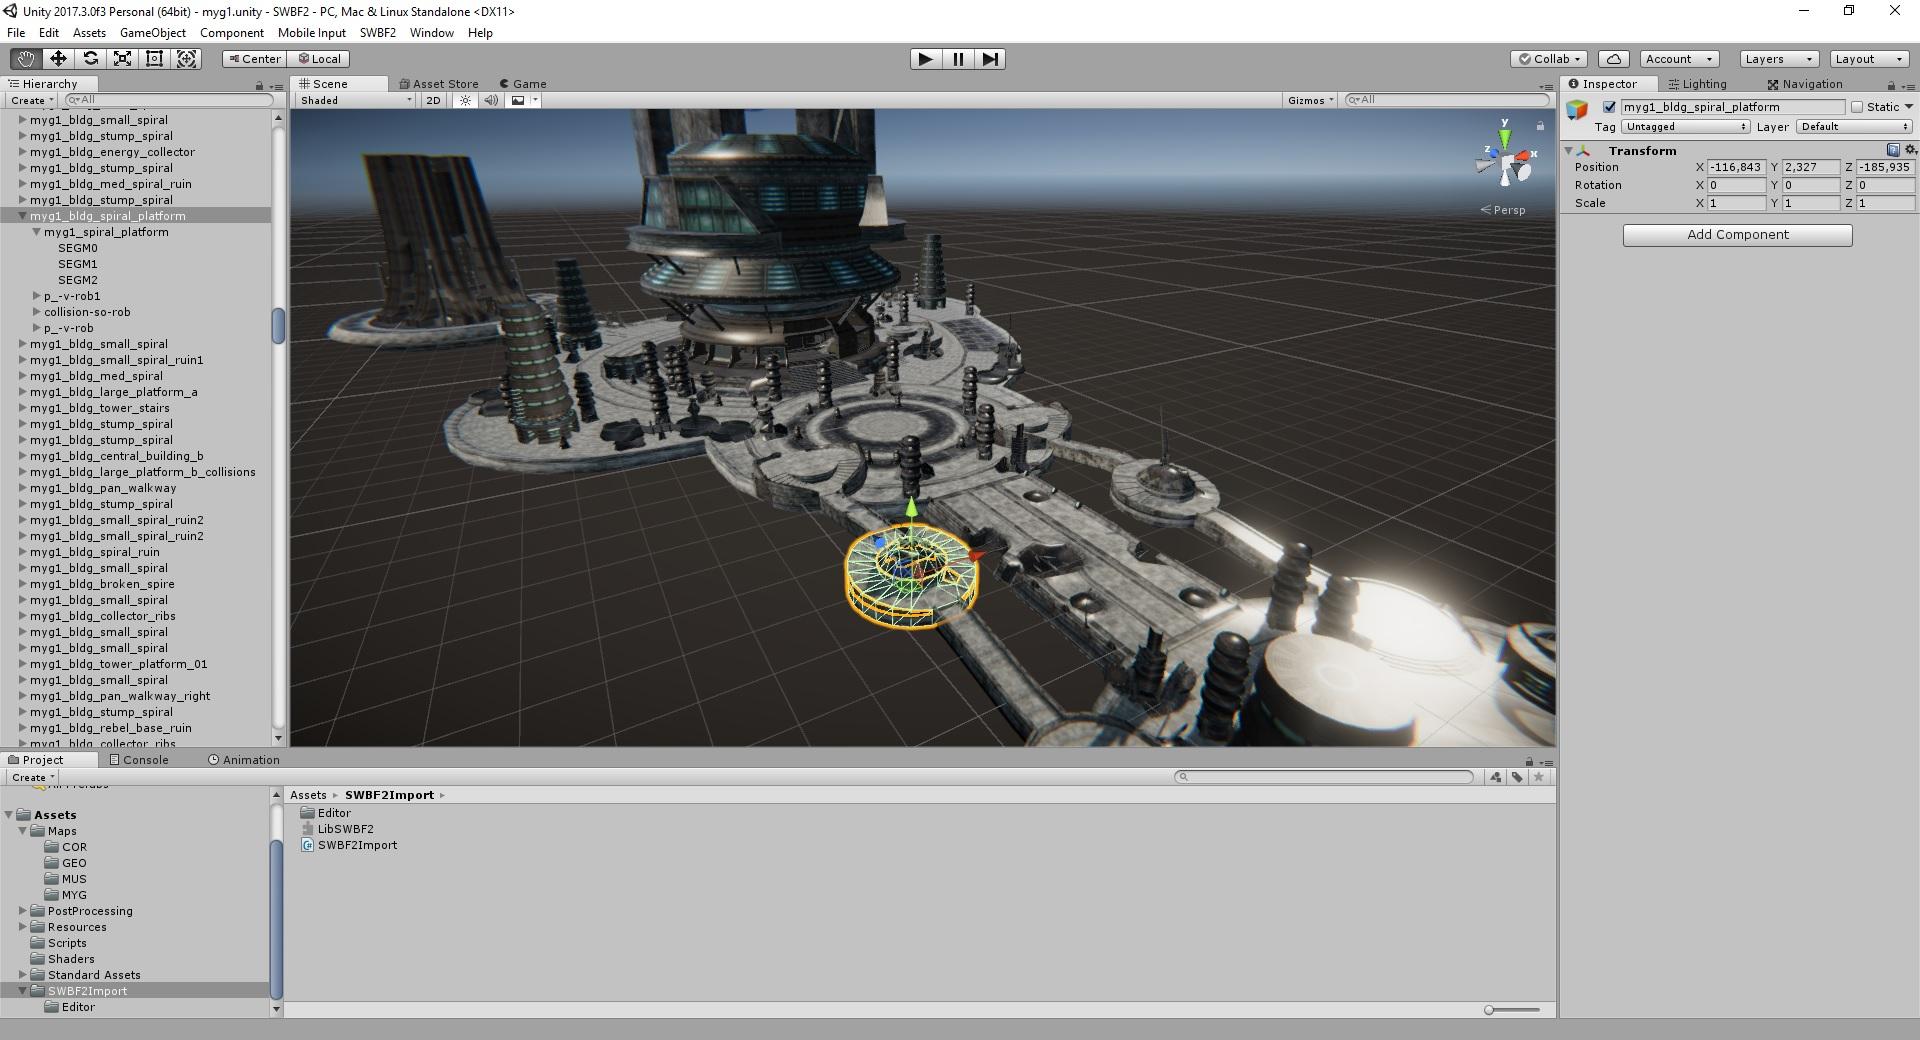 Unity SWBF 2 Import - UnityList